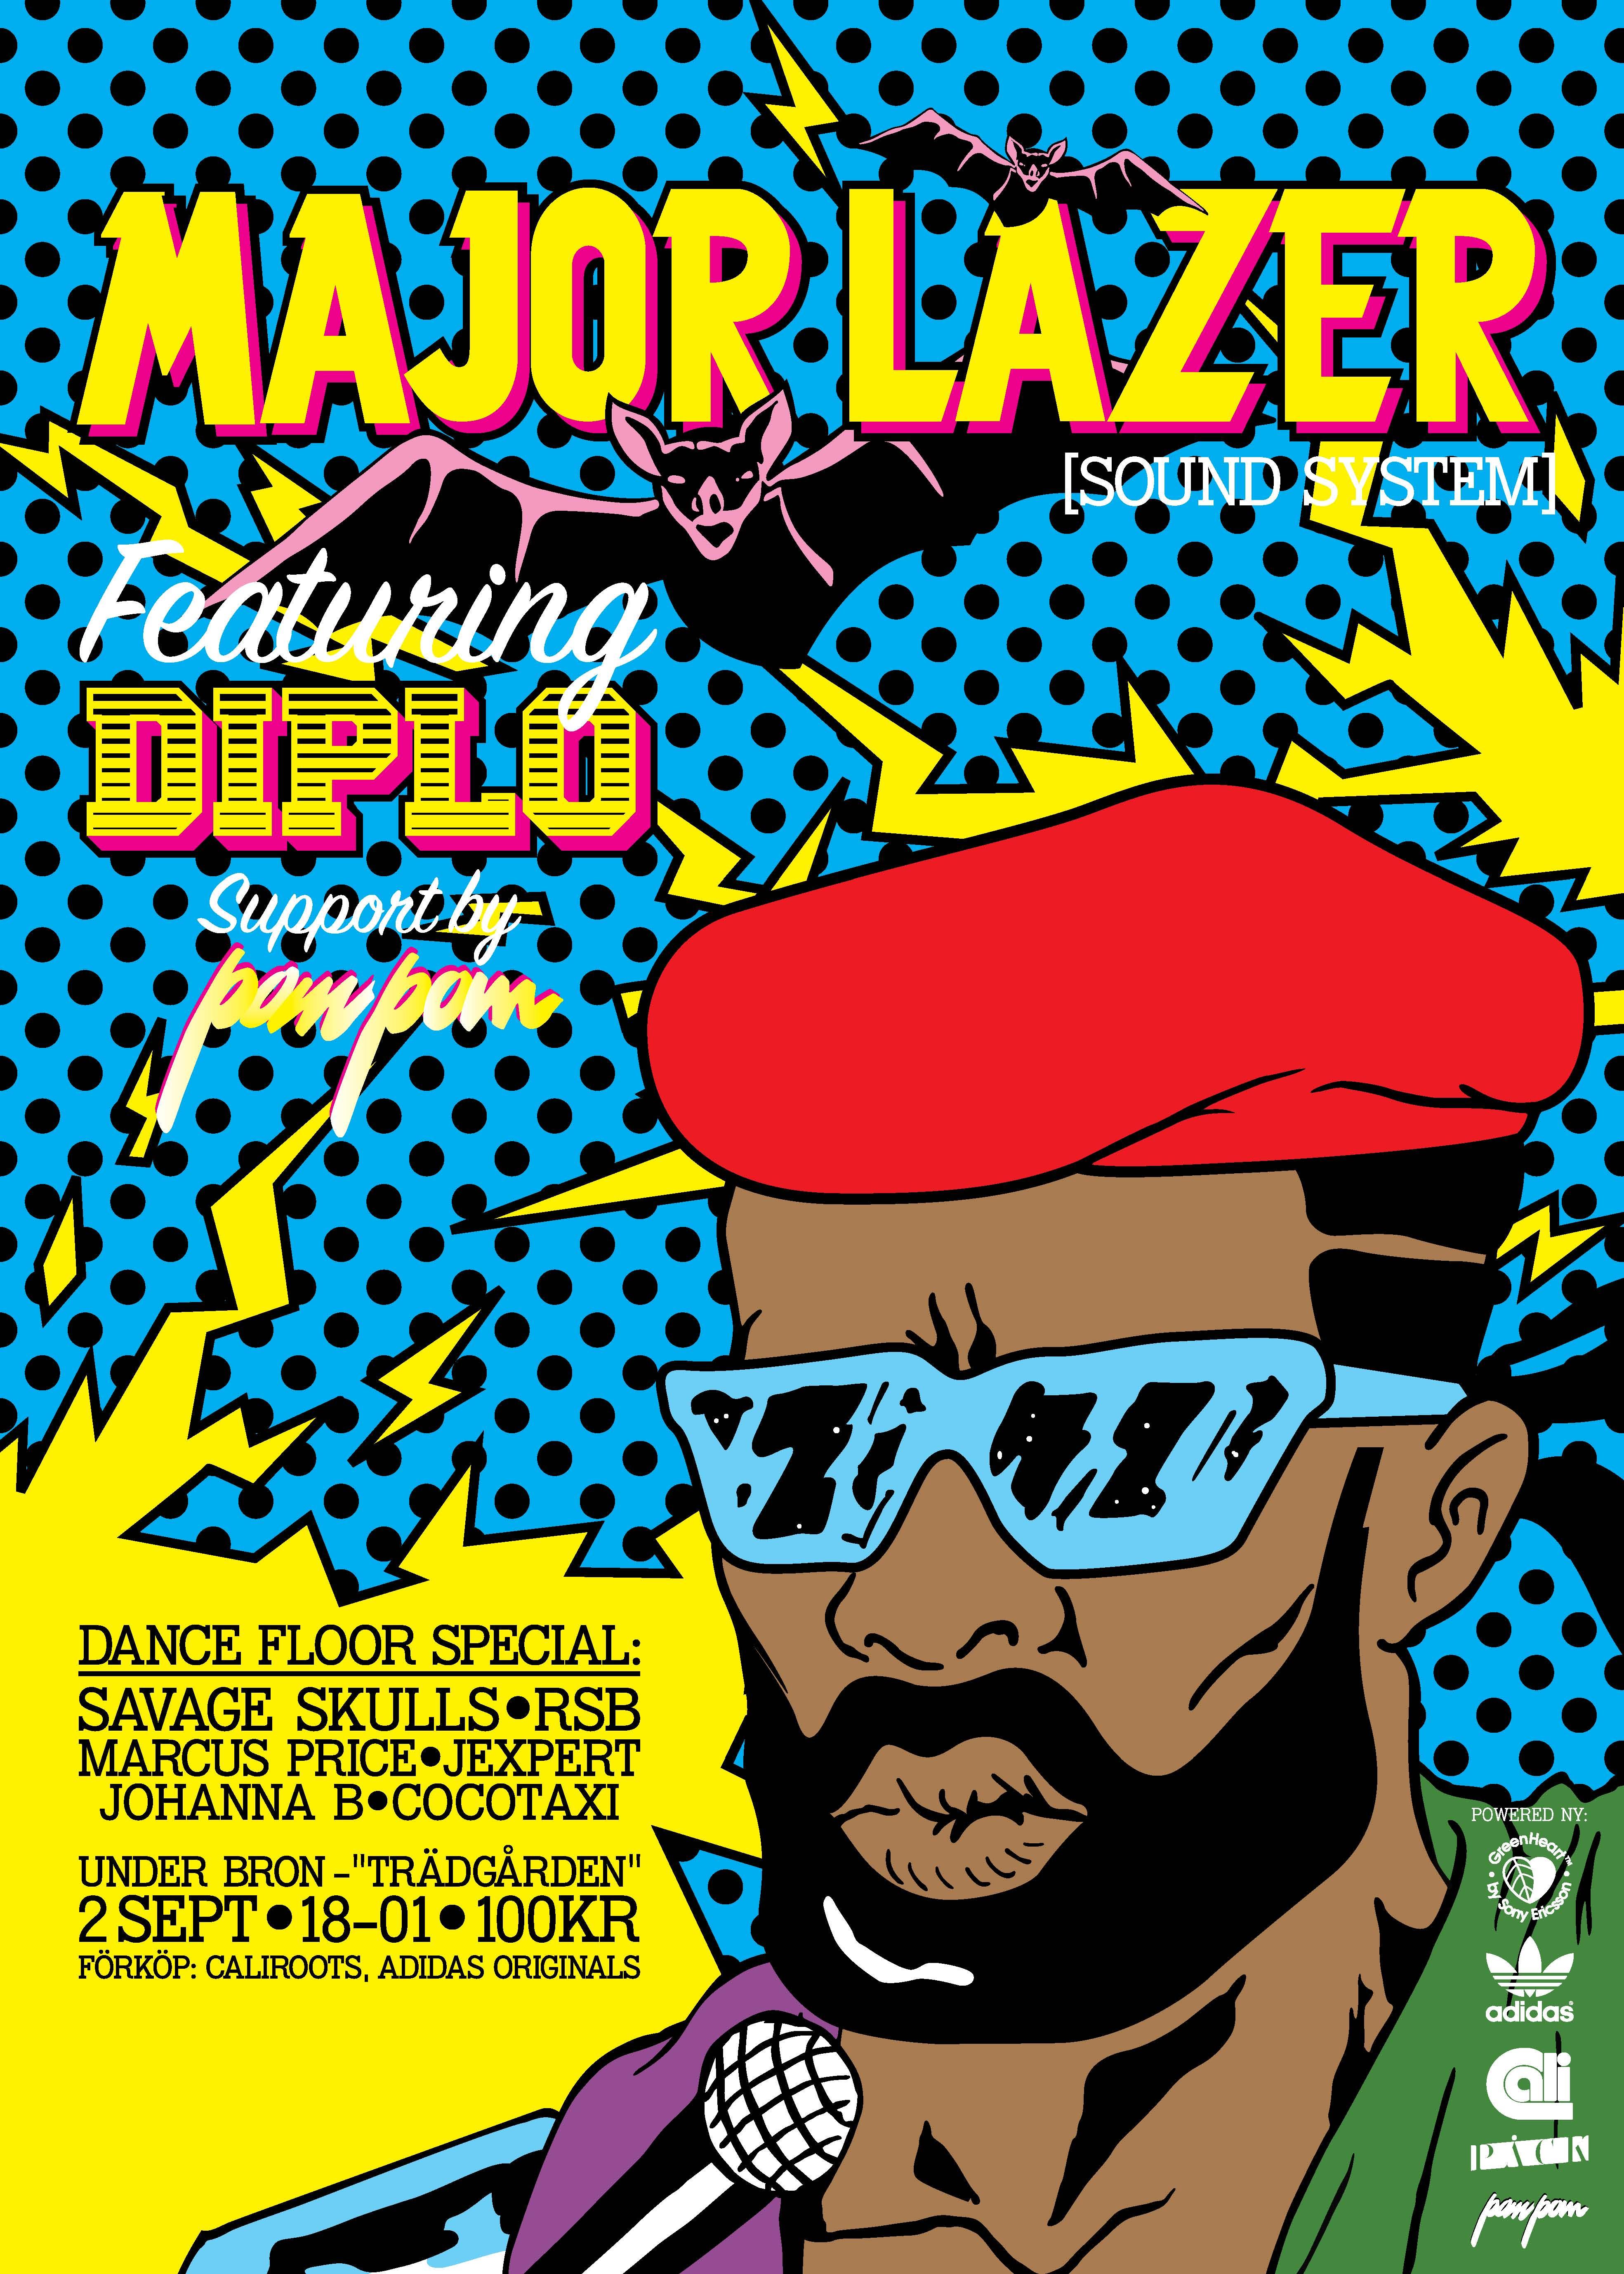 Major Lazer | DJ Agge